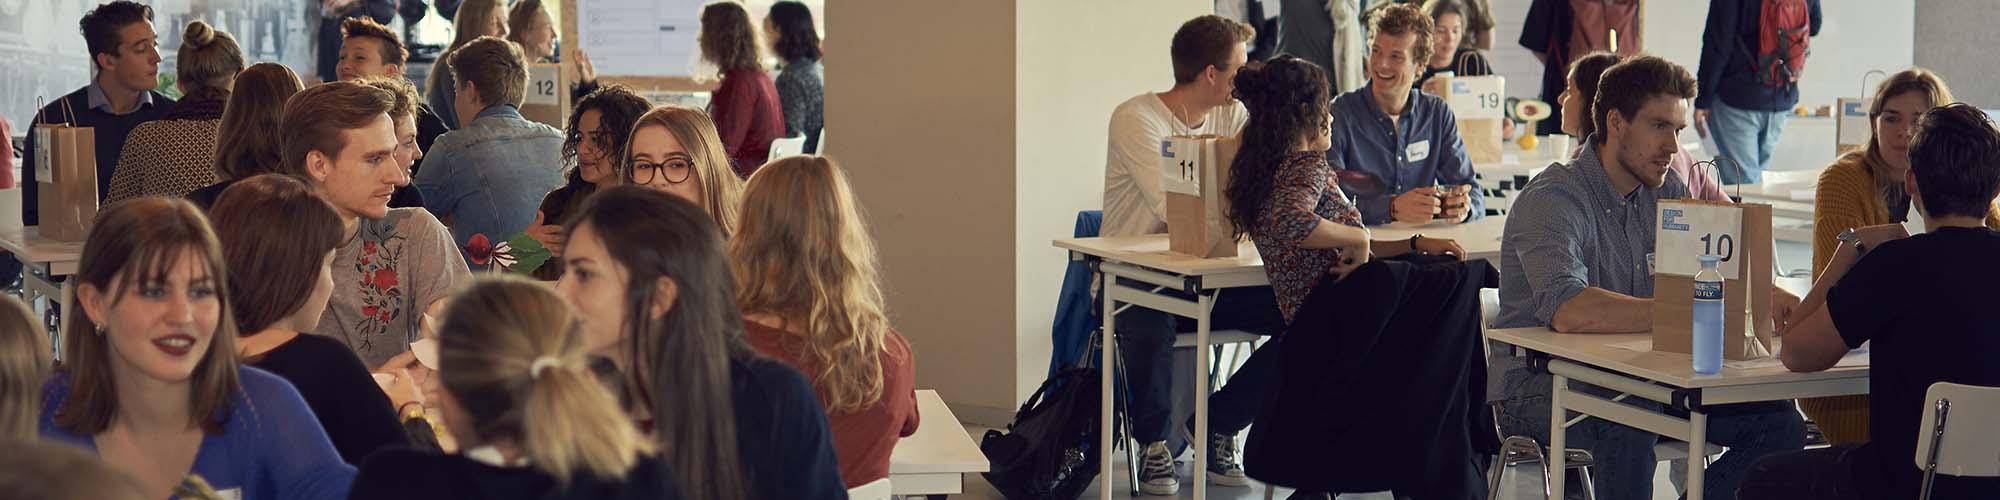 Design for Humanity zet zich in voor maatschappelijke vraagstukken door middel van creatieve hackathons